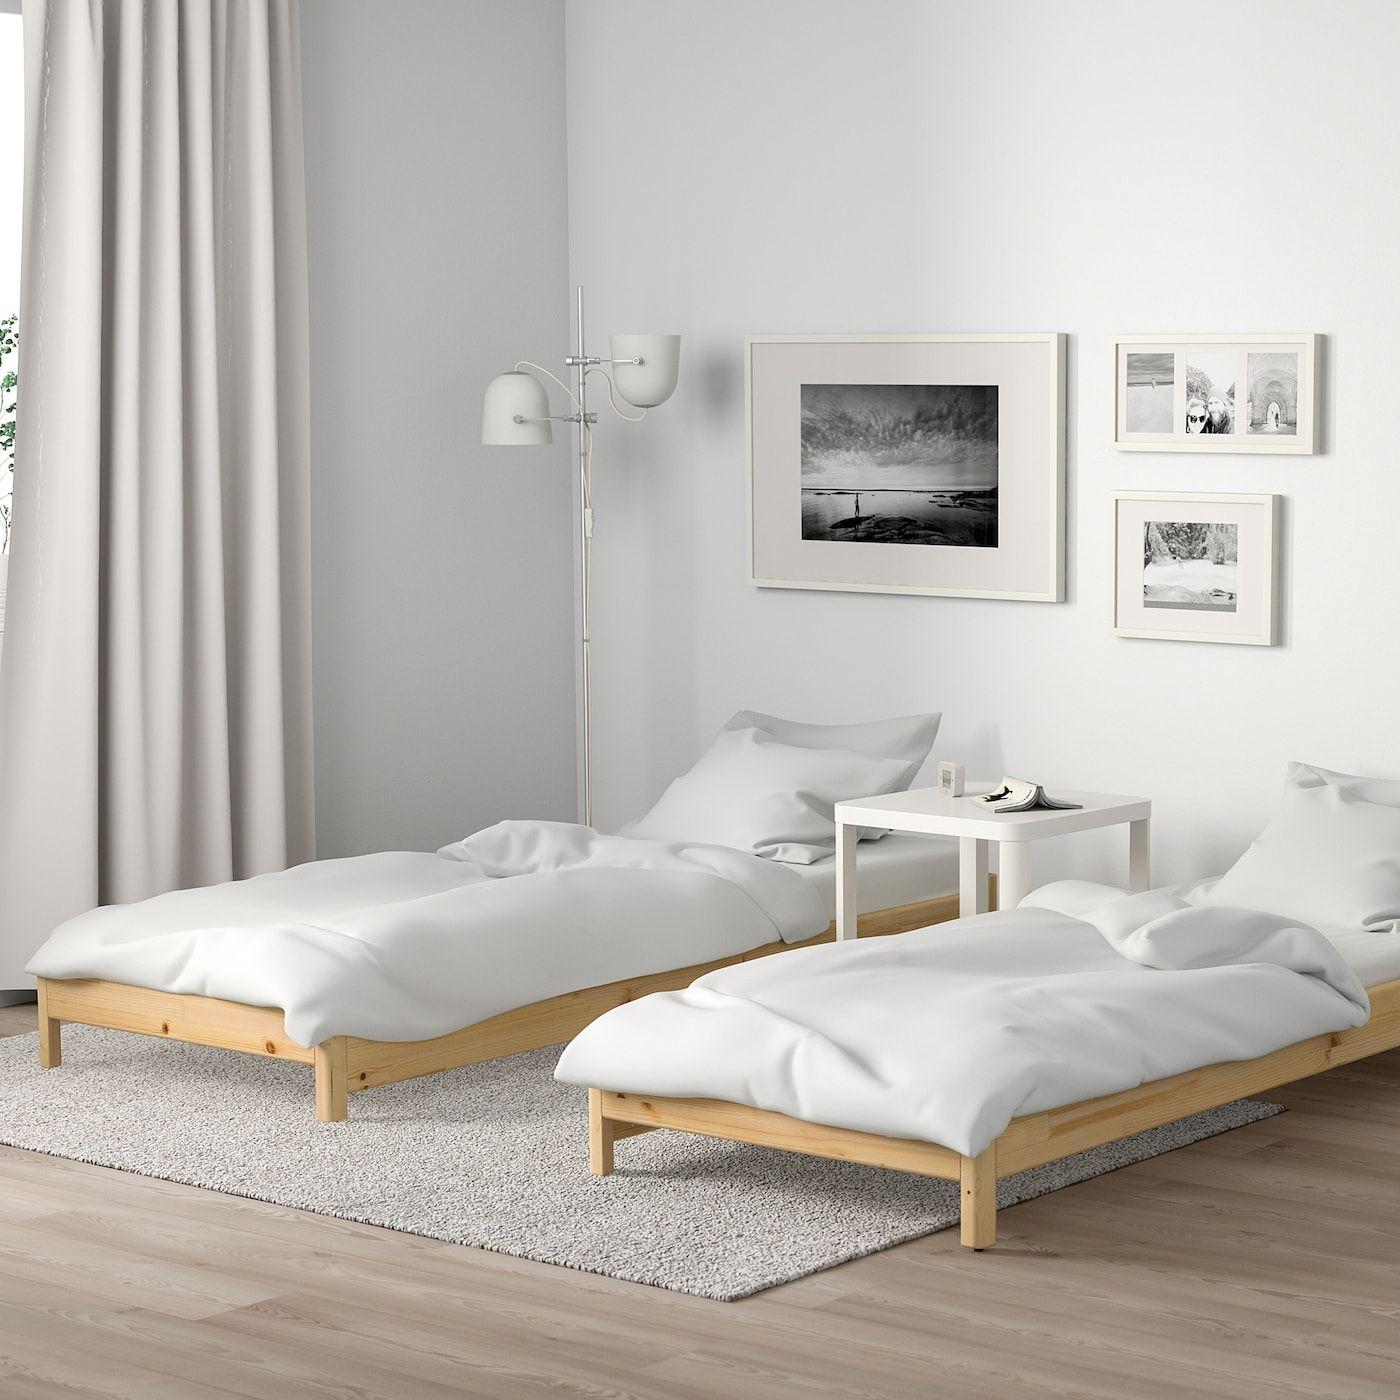 Utaker Stapelbaar Bed Grenen 80x200 Cm In 2020 Bett Ideen Bett Mobel Schlafzimmermobel